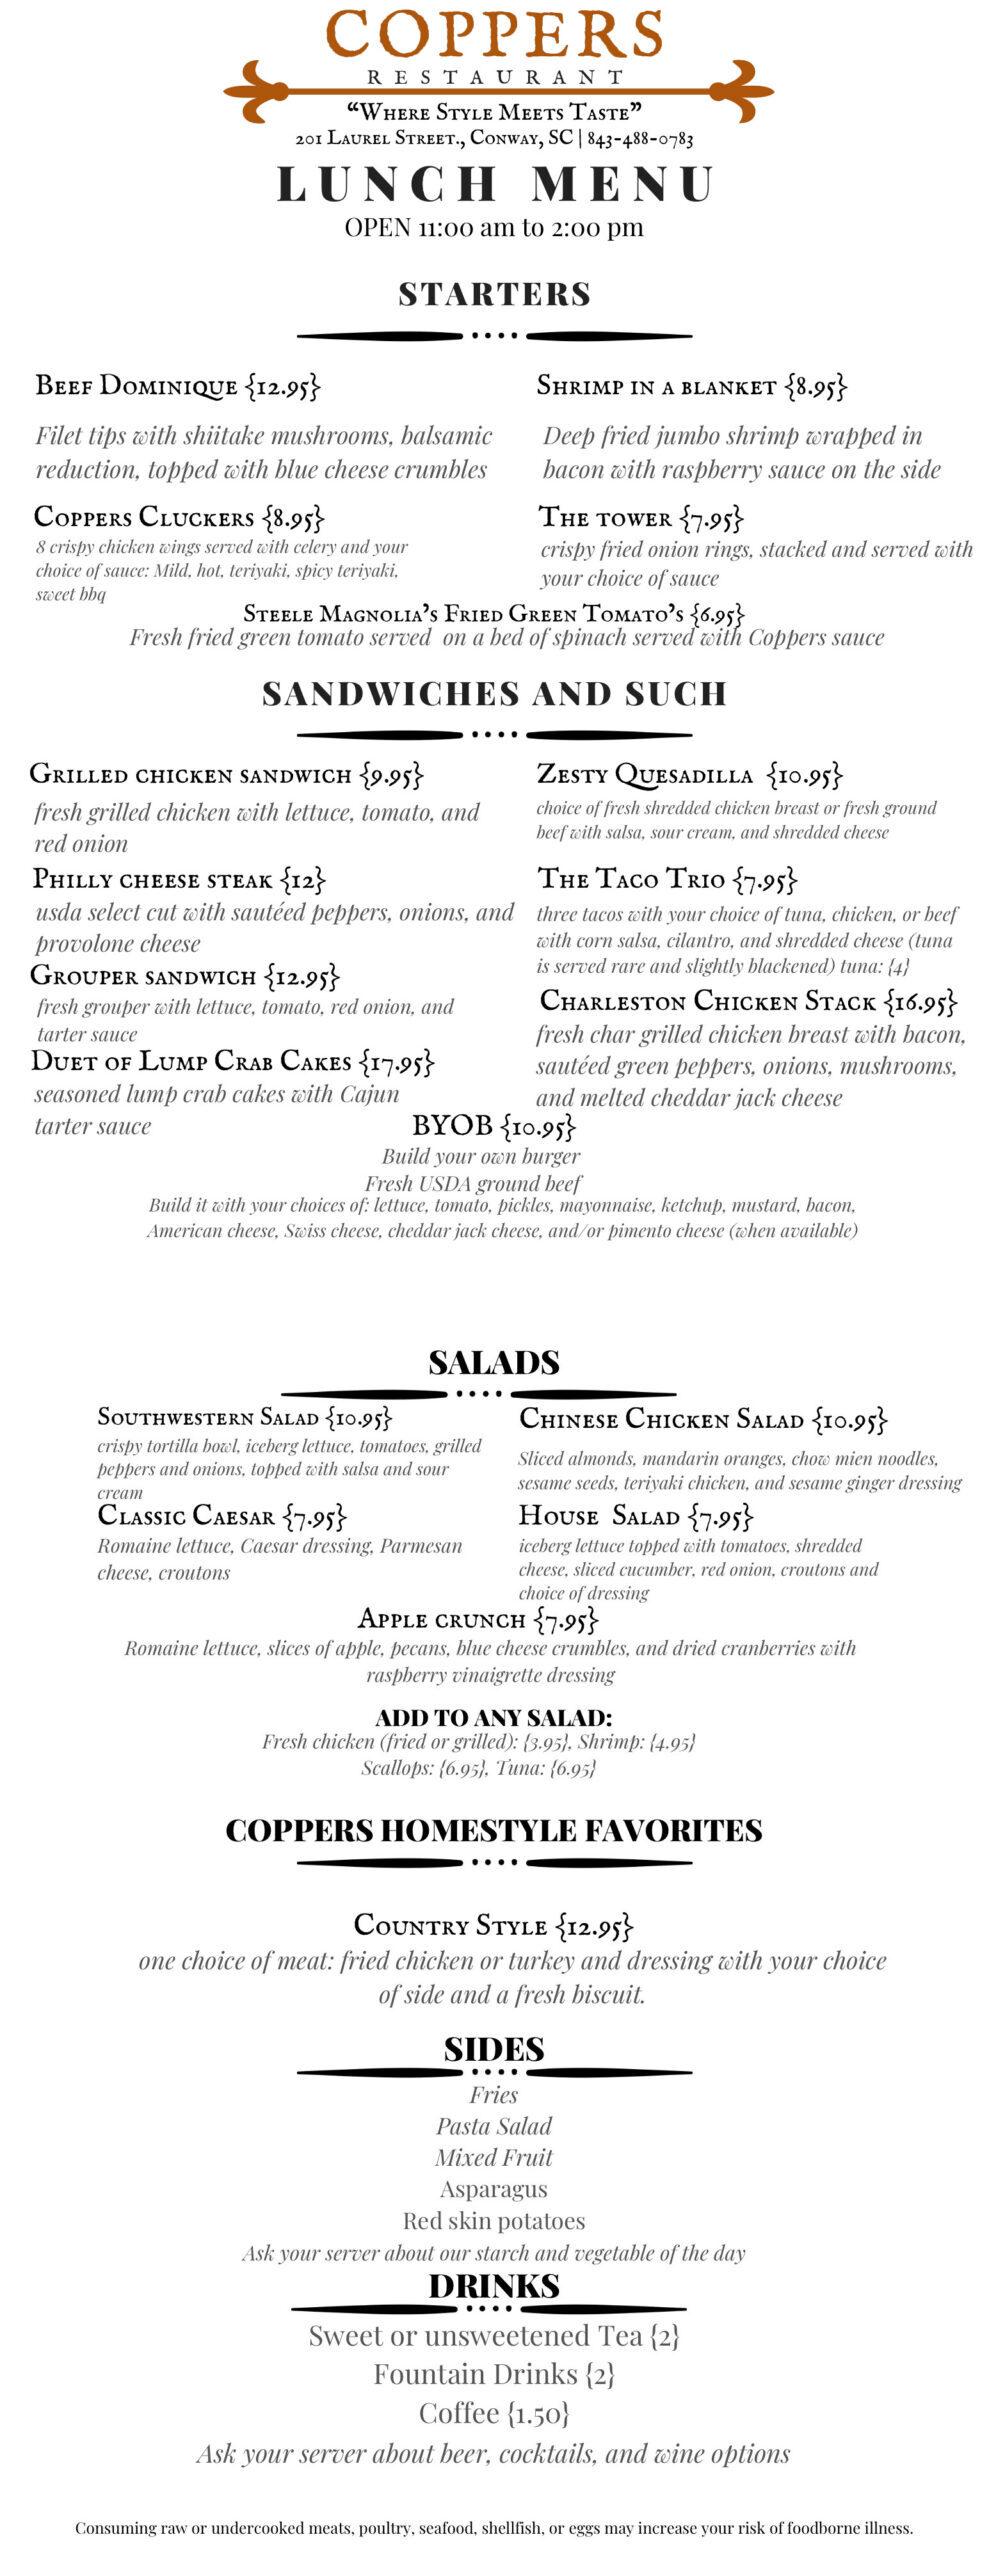 Coppers updated menu